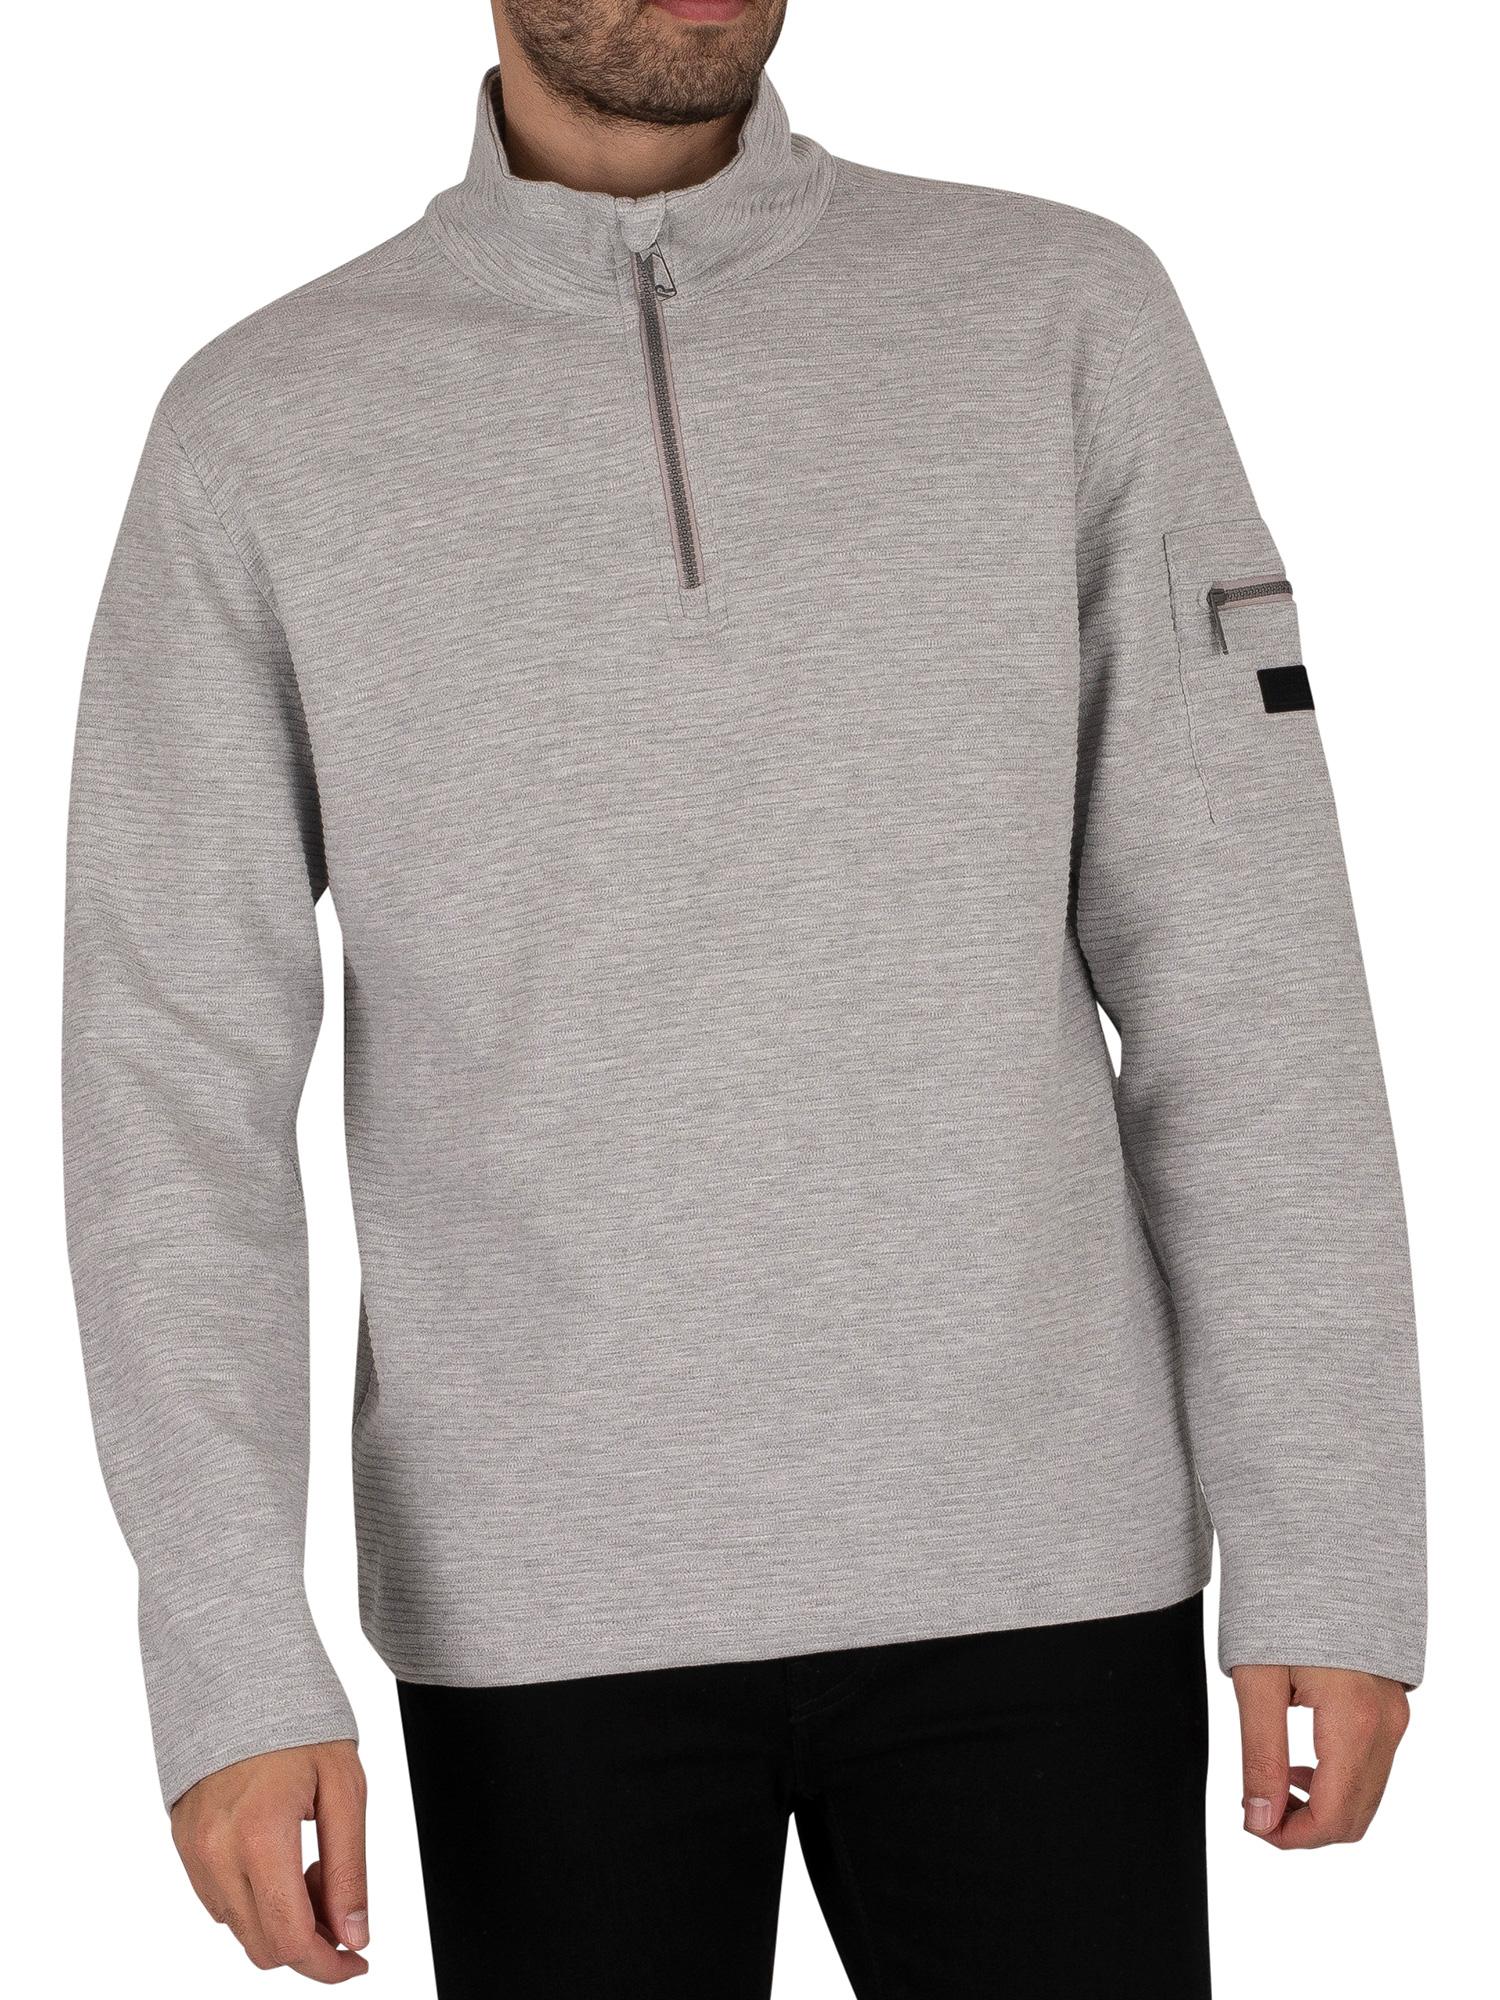 Tavior Half Zip Coolweave Sweatshirt